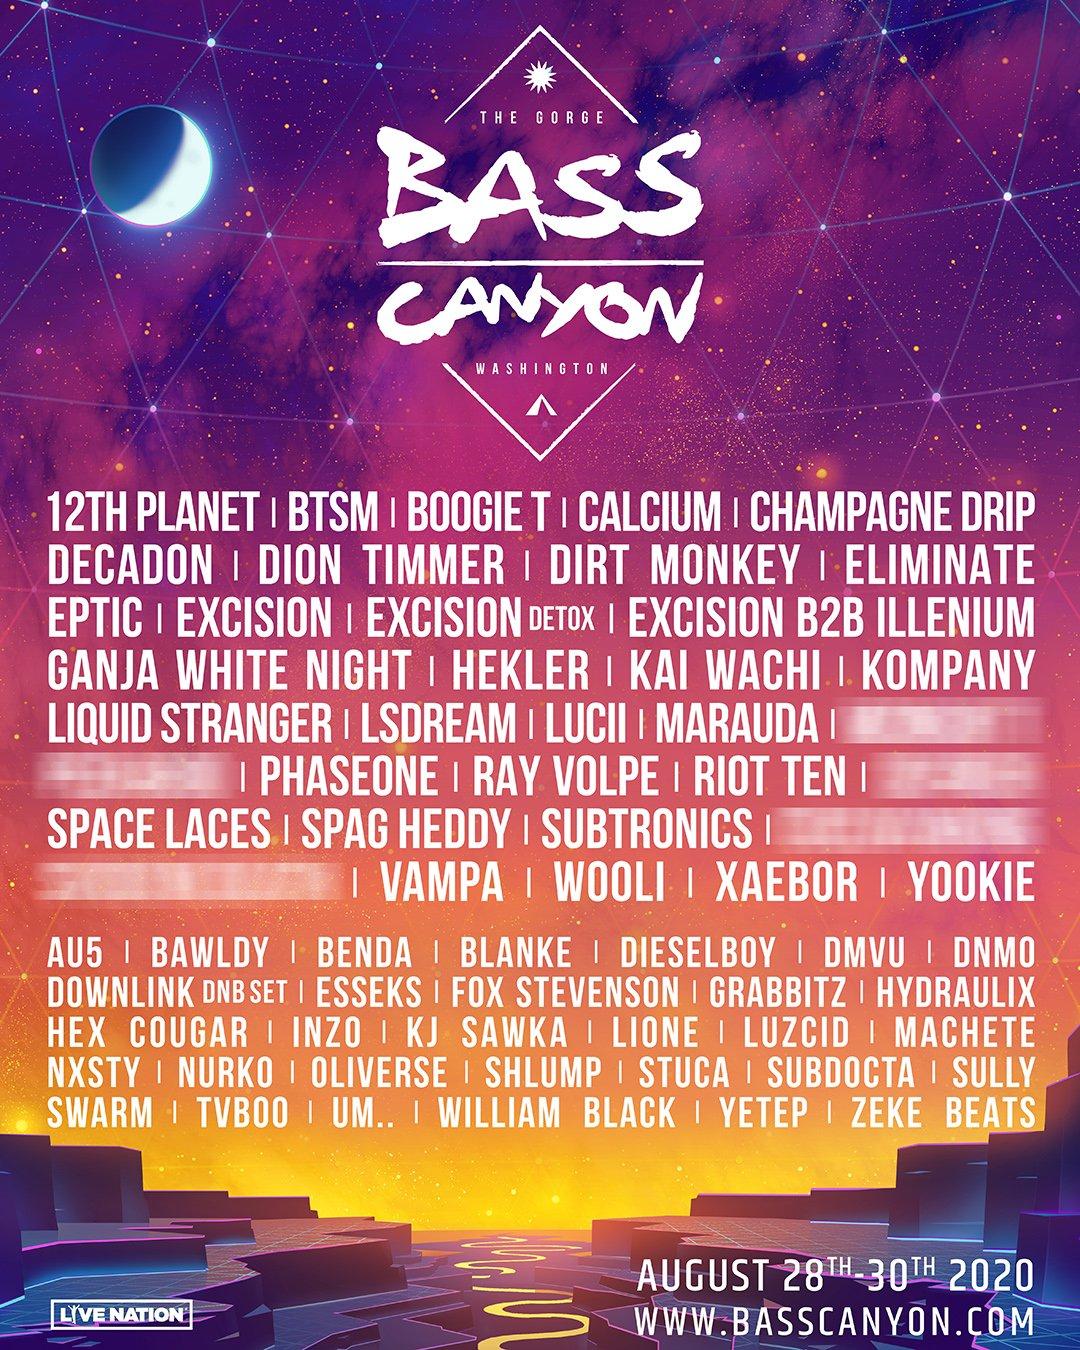 Bass Canyon 2020 Lineup